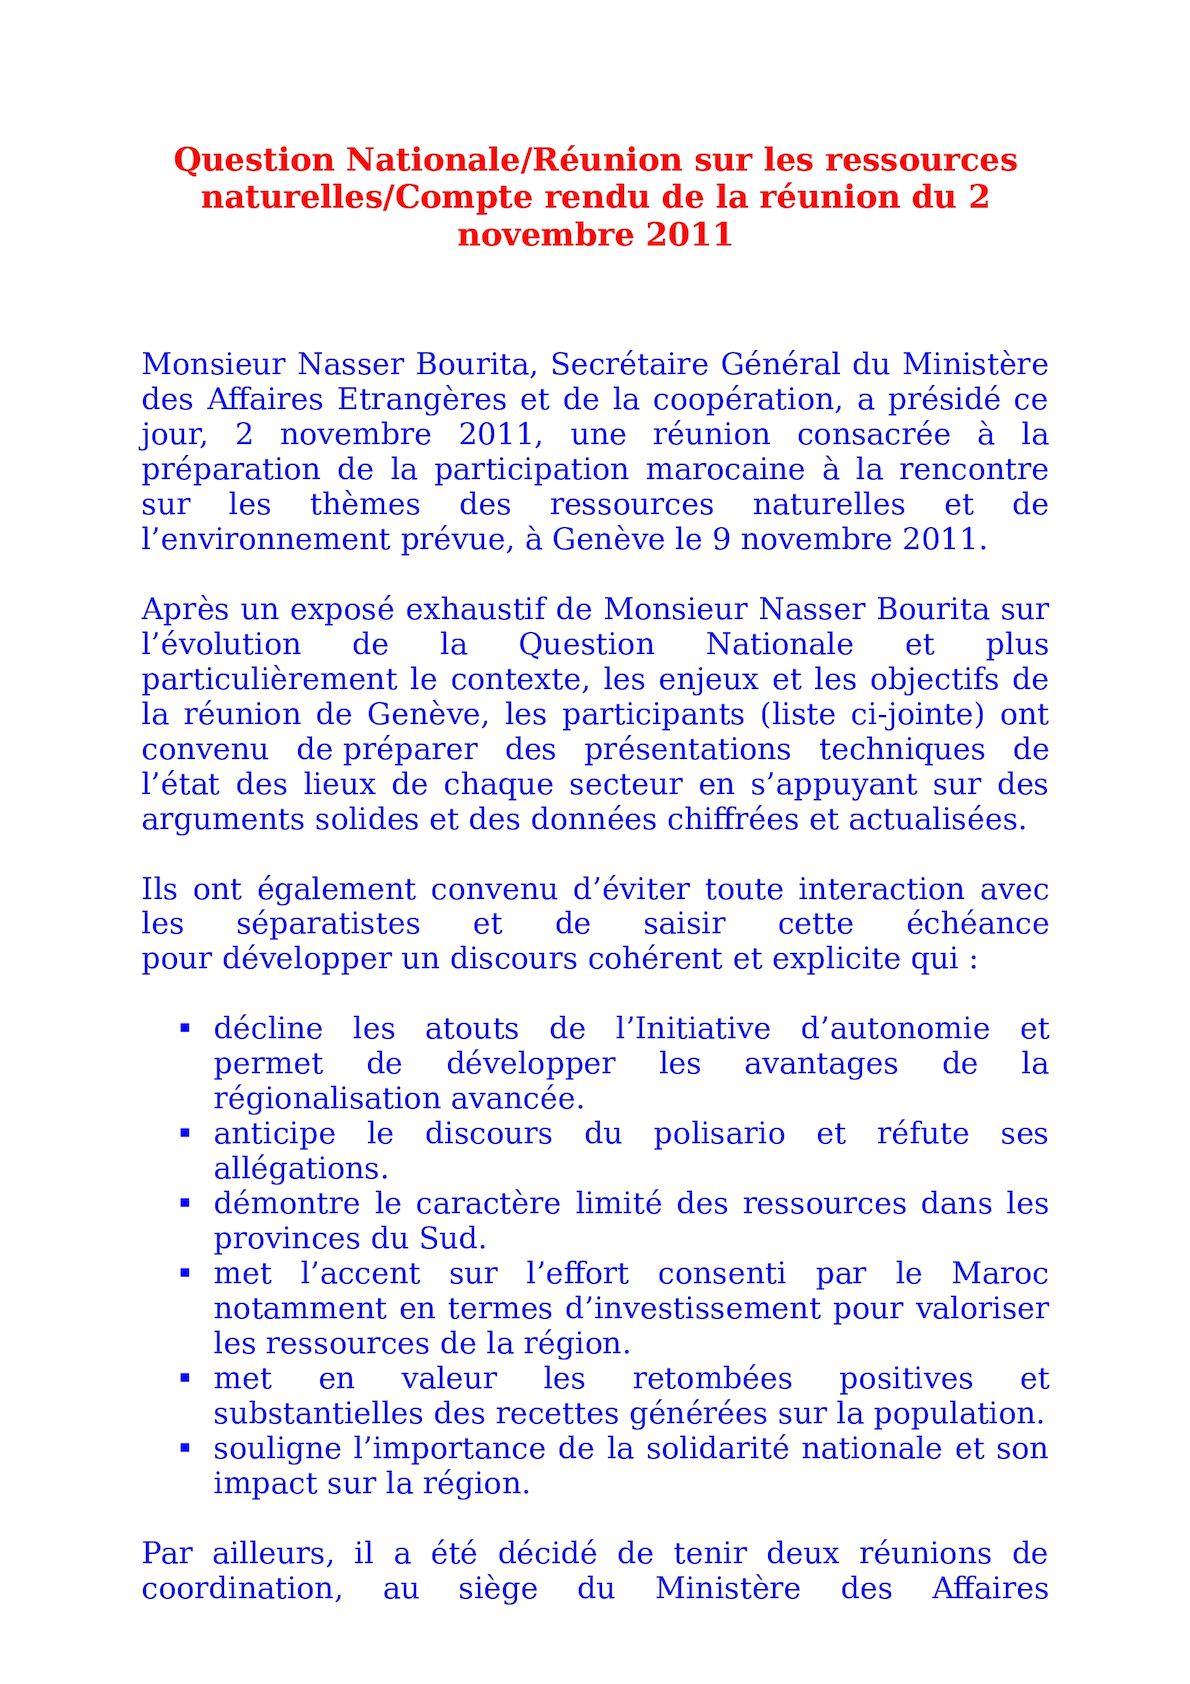 PV Réunion 2 Novembre 2011